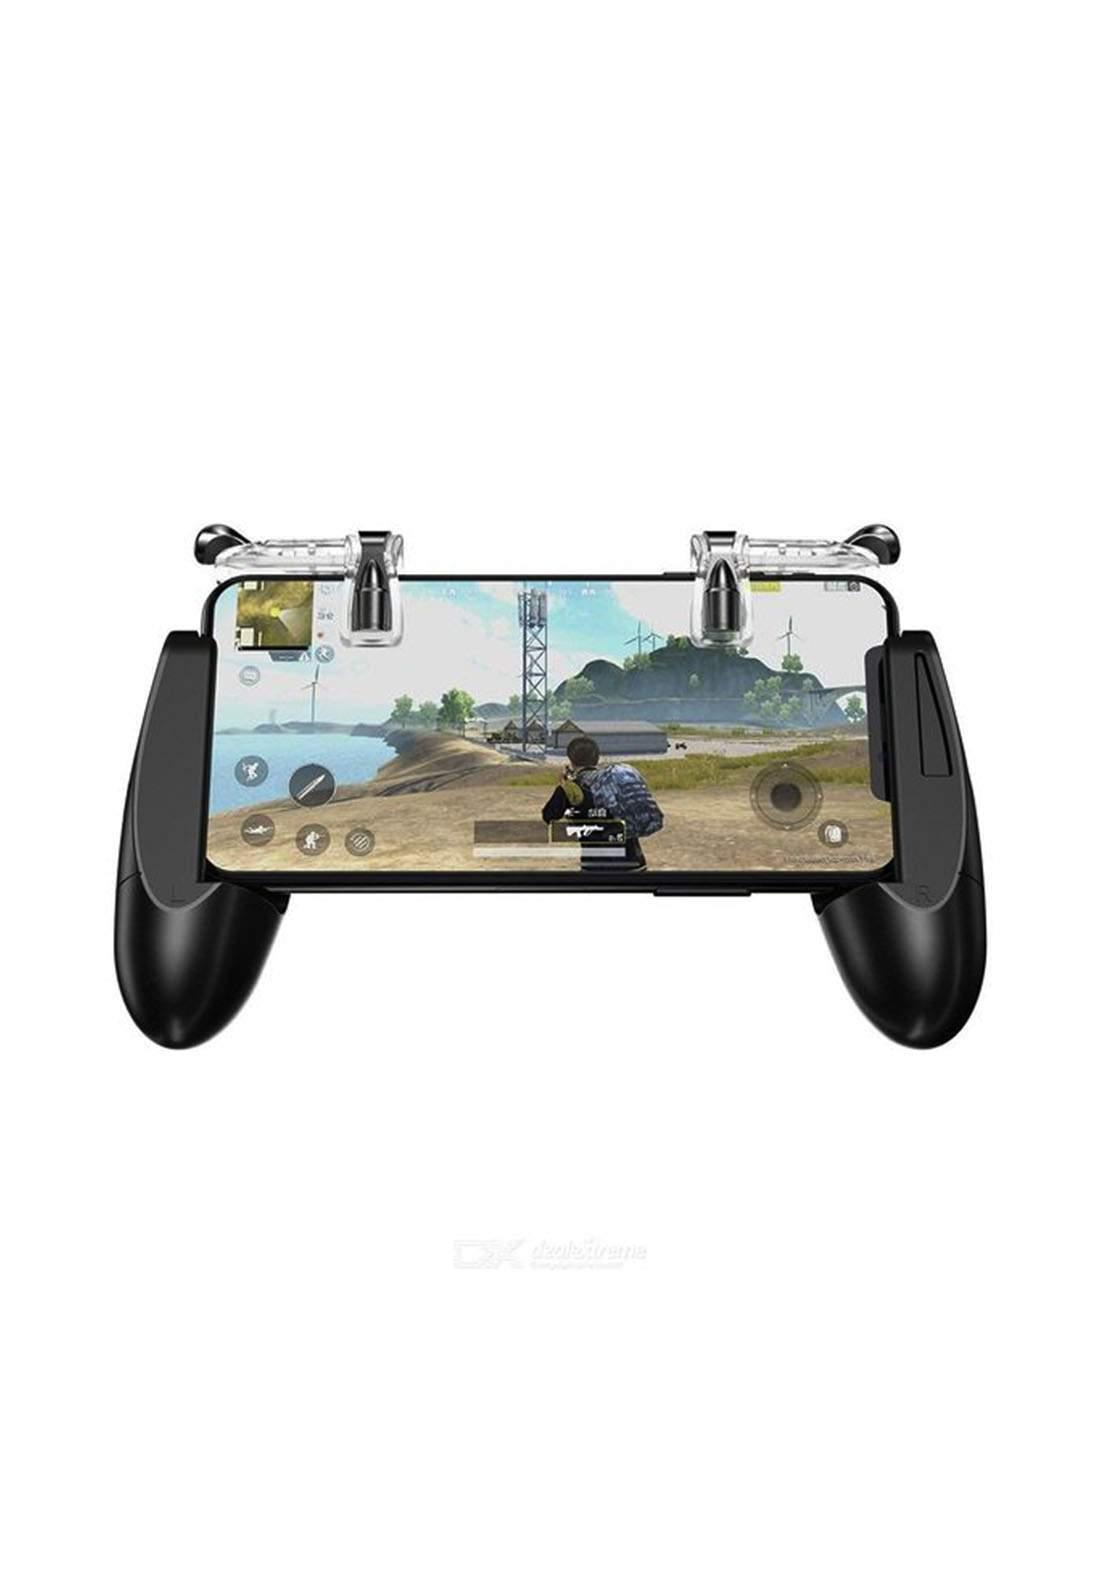 GameSir F2 Stick Mobile Gaming Controller - Black وحدة تحكم